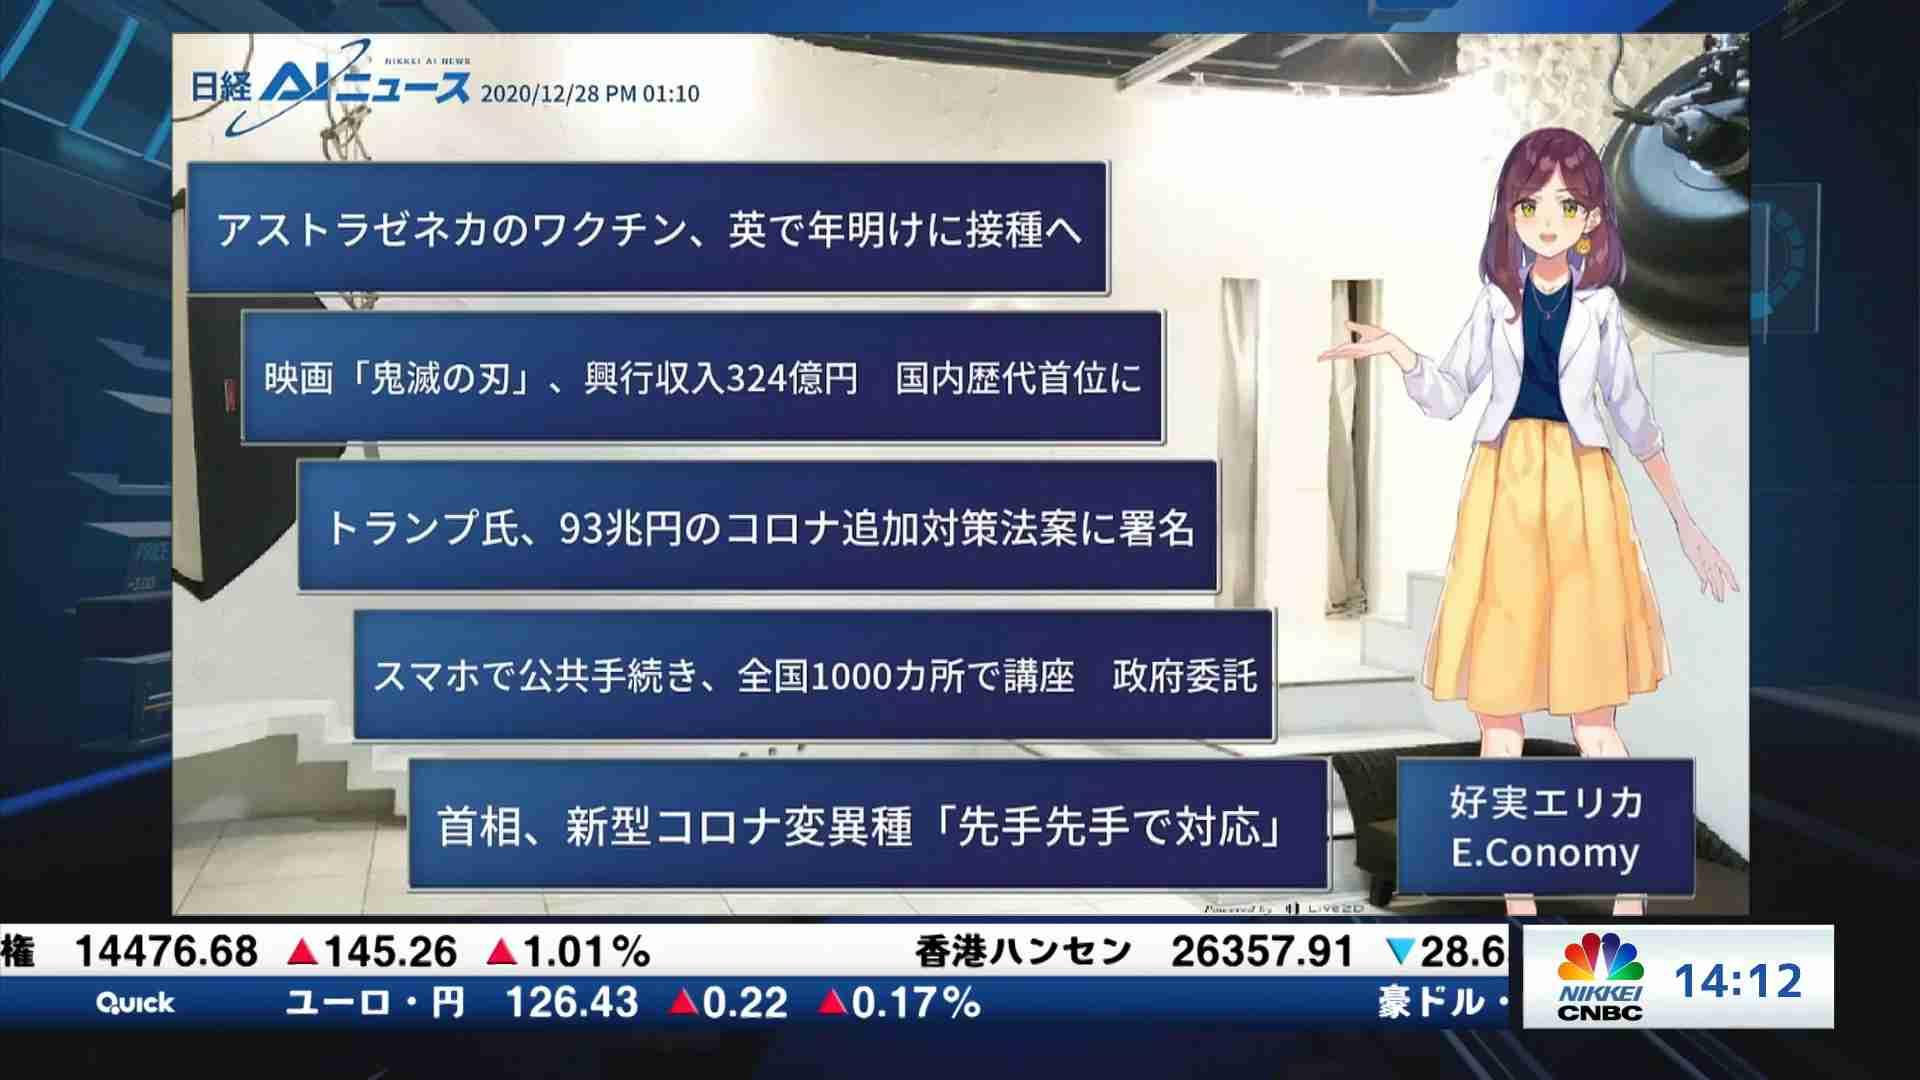 株価 アストラ ゼネカ